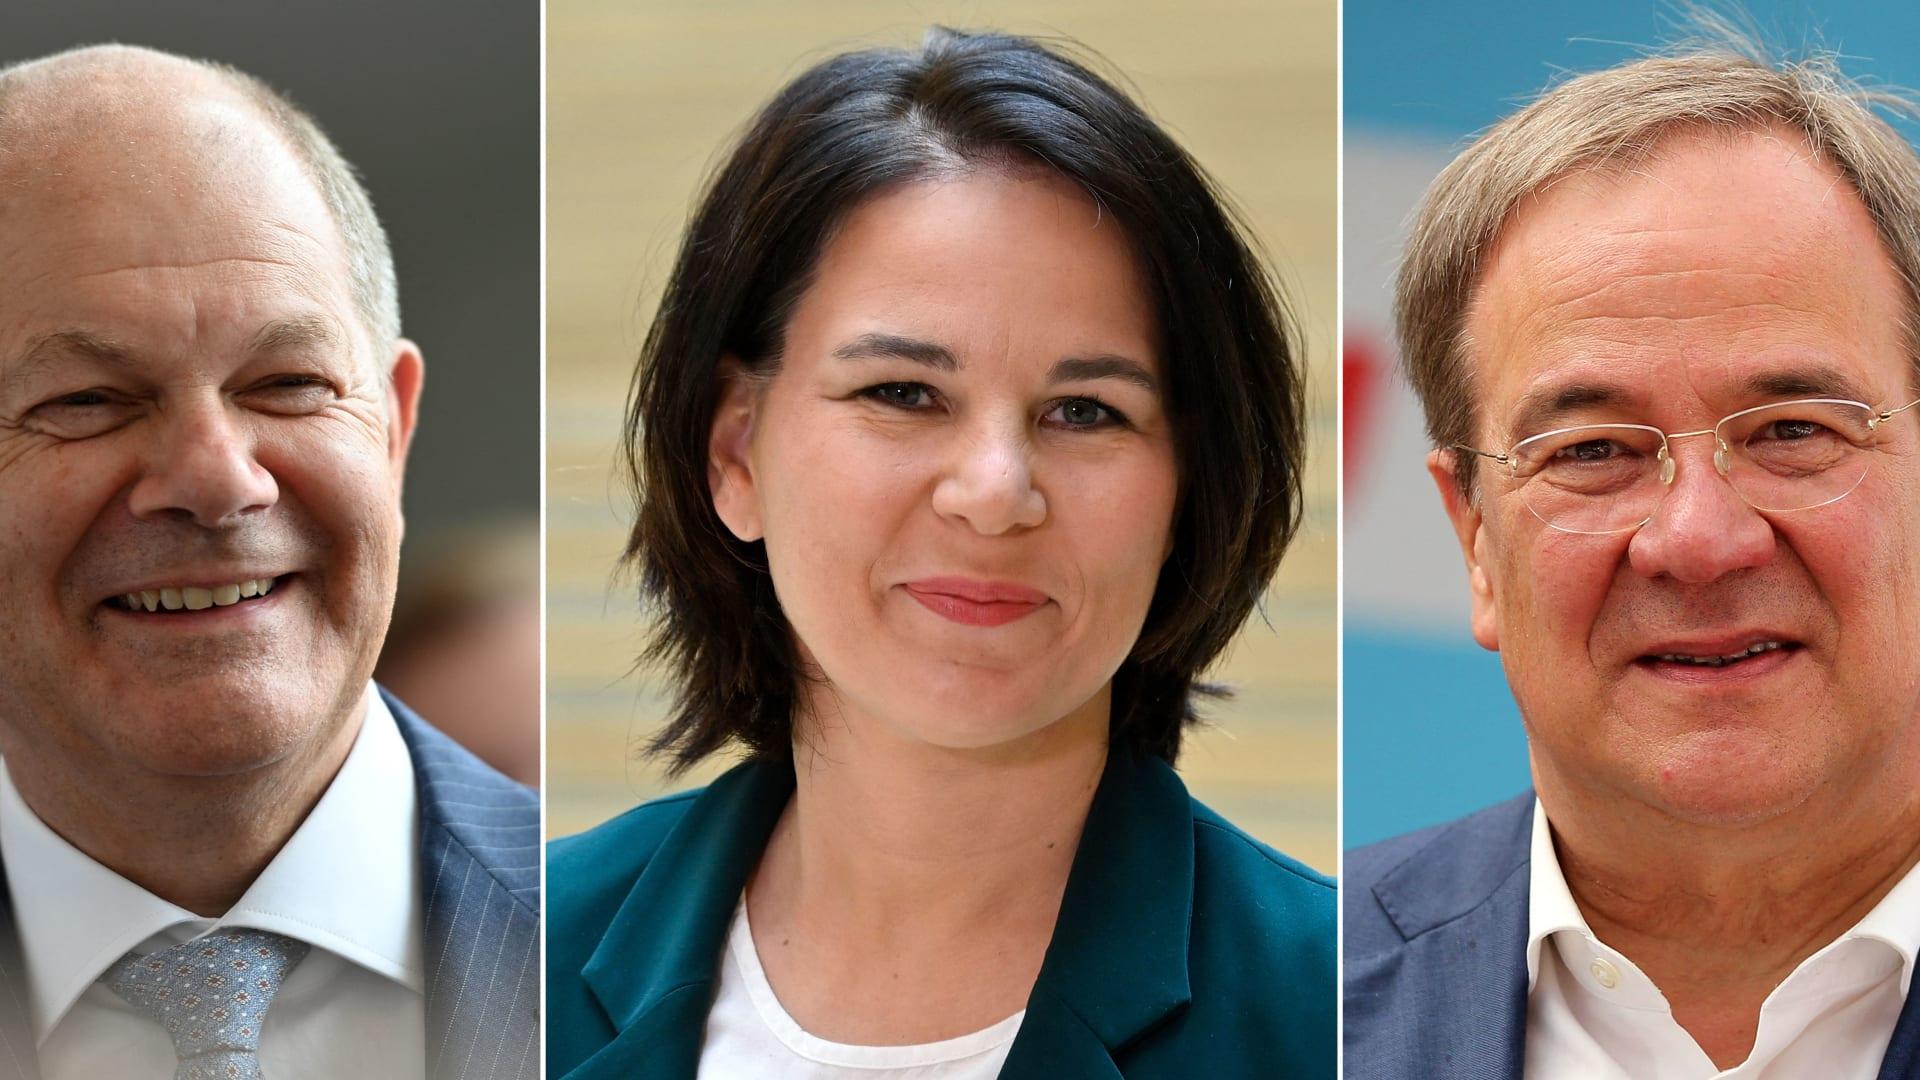 الألمان يصوتون في الانتخابات البرلمانية.. وهؤلاء أبرز المرشحين لخلافة ميركل